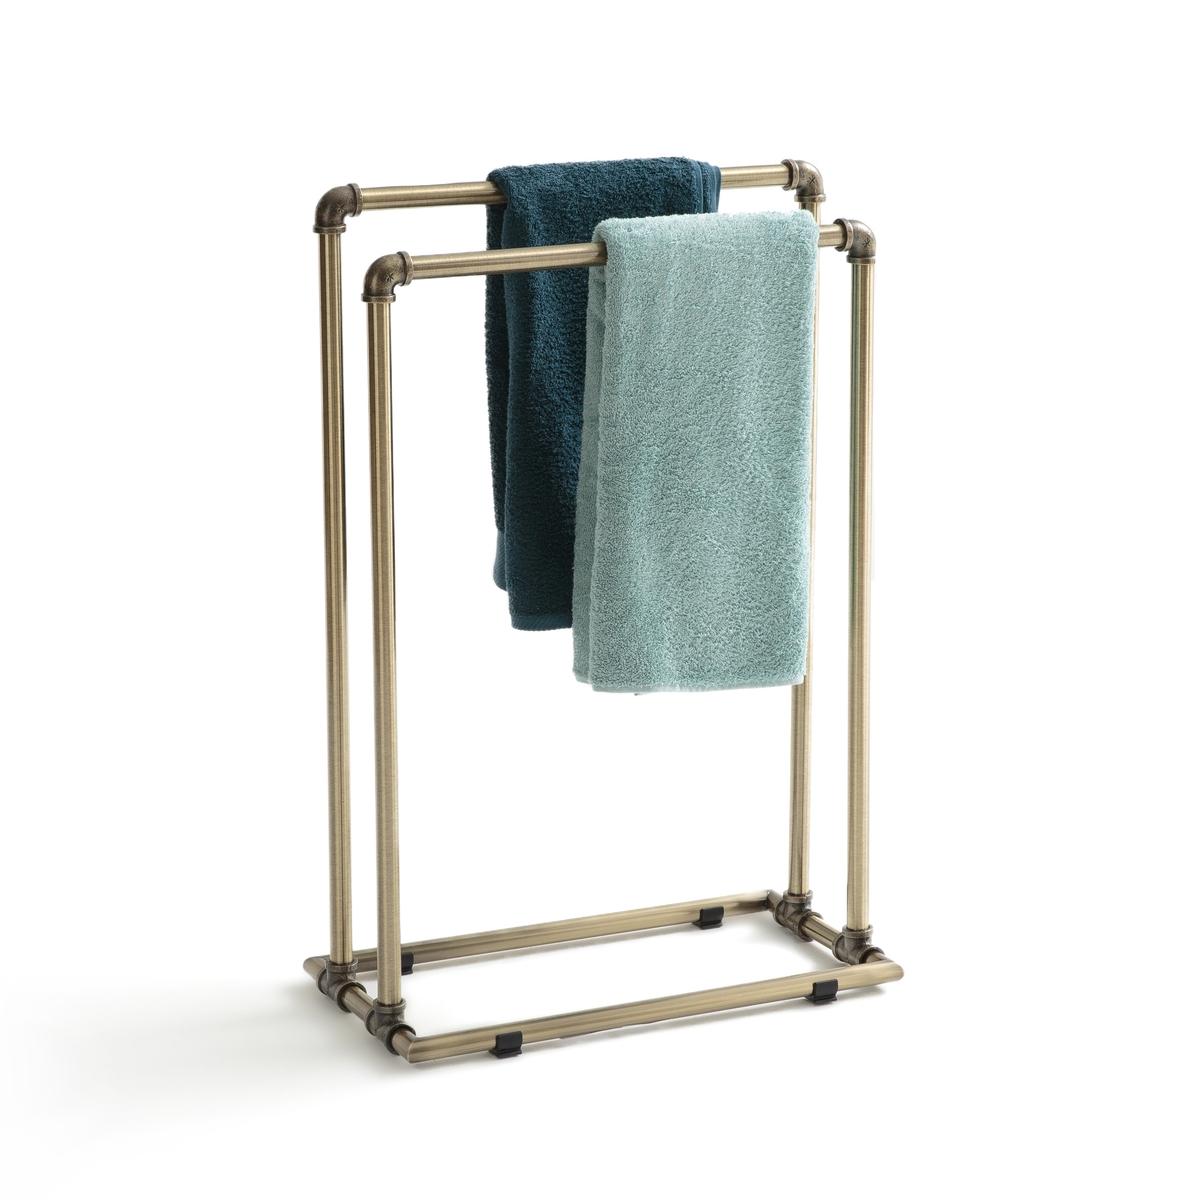 Porta-asciugamani in metallo INDUS